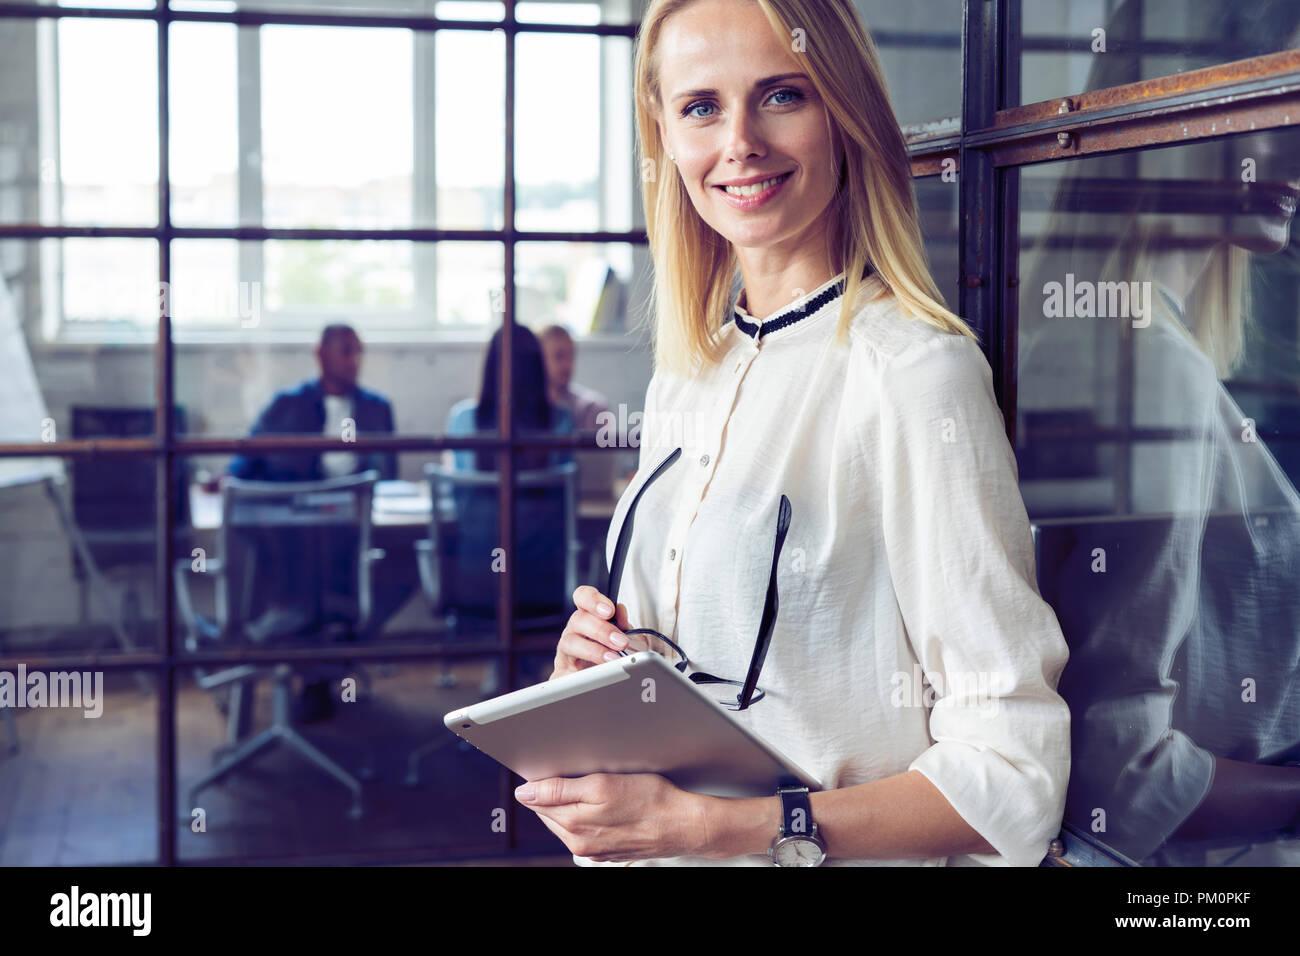 Ce qui conduit son équipe au succès. Certain young woman holding digital tablet and looking at camera avec sourire tandis que ses collègues travaillant dans l'arrière-plan. Photo Stock